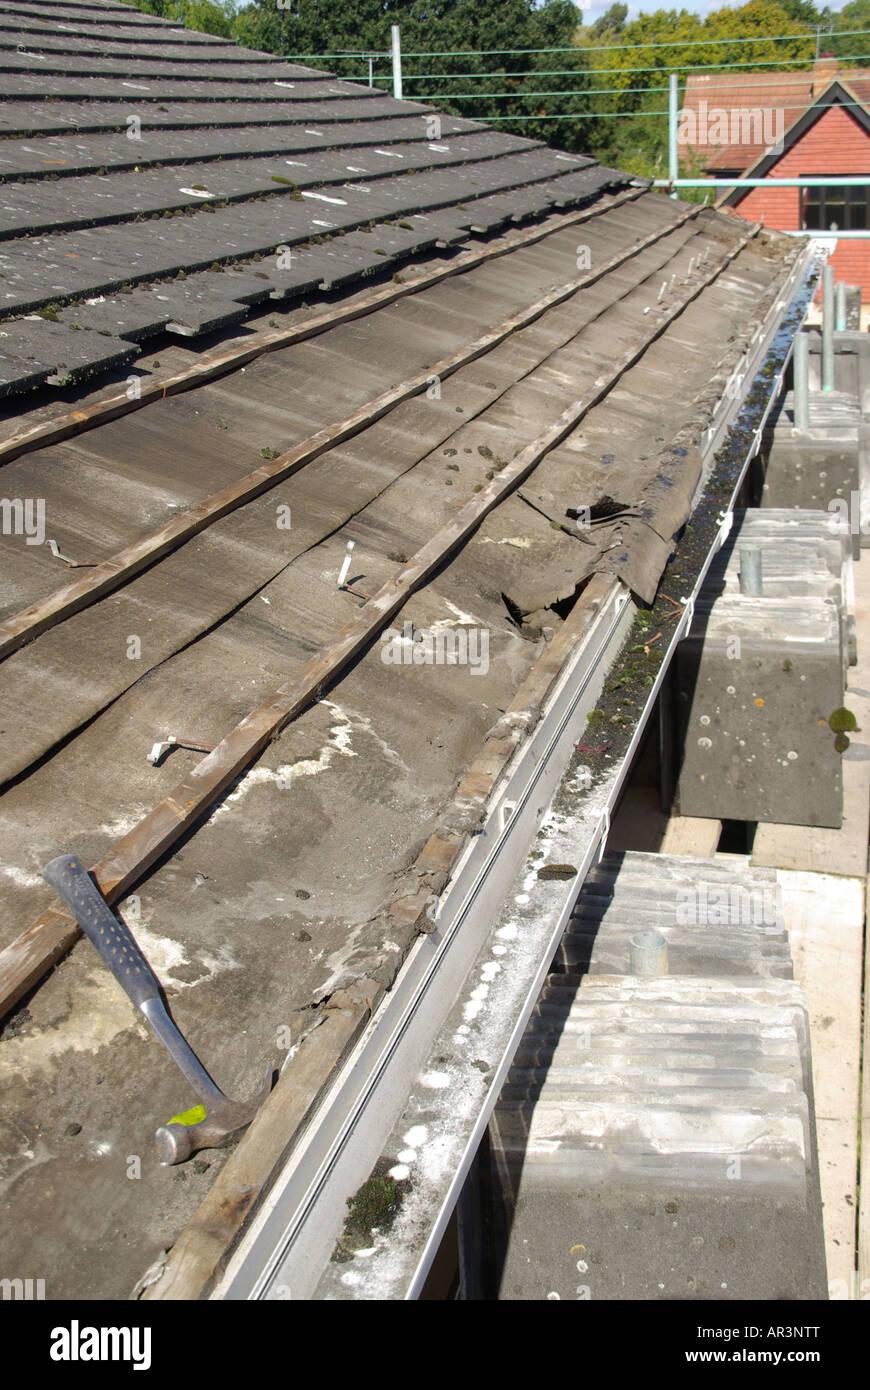 Roof Repair Required To Under Felt Battens Below Eaves